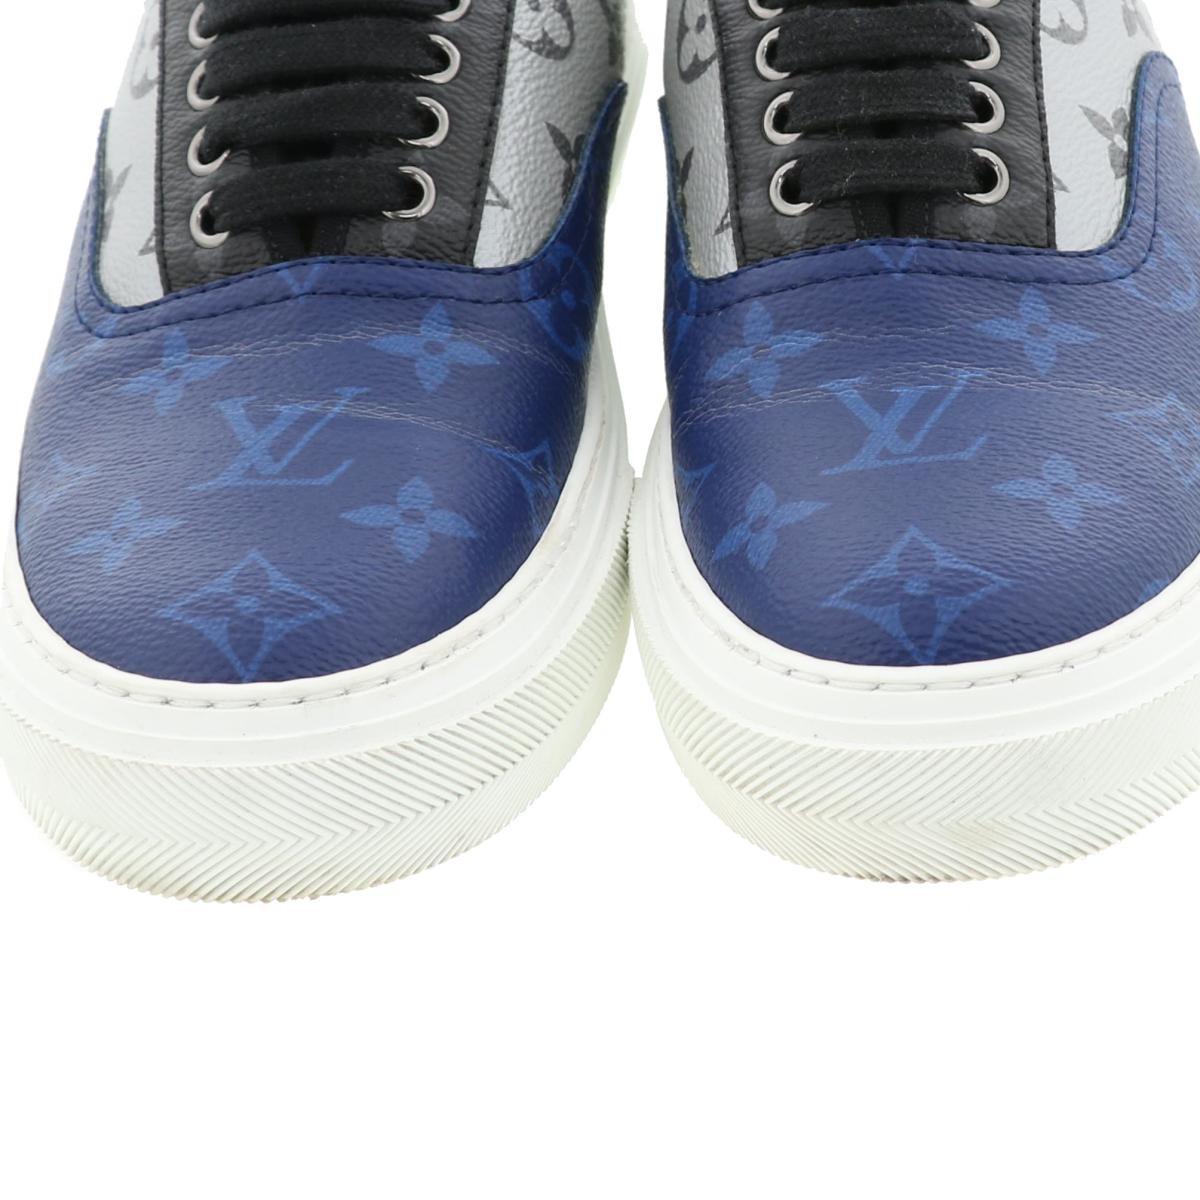 【中古】LOUIS VUITTON (ルイヴィトン) トロカデロ・ライン スニーカー 靴 靴/メンズ Sneaker/18SS Blue/ブルー 1A417 used:A